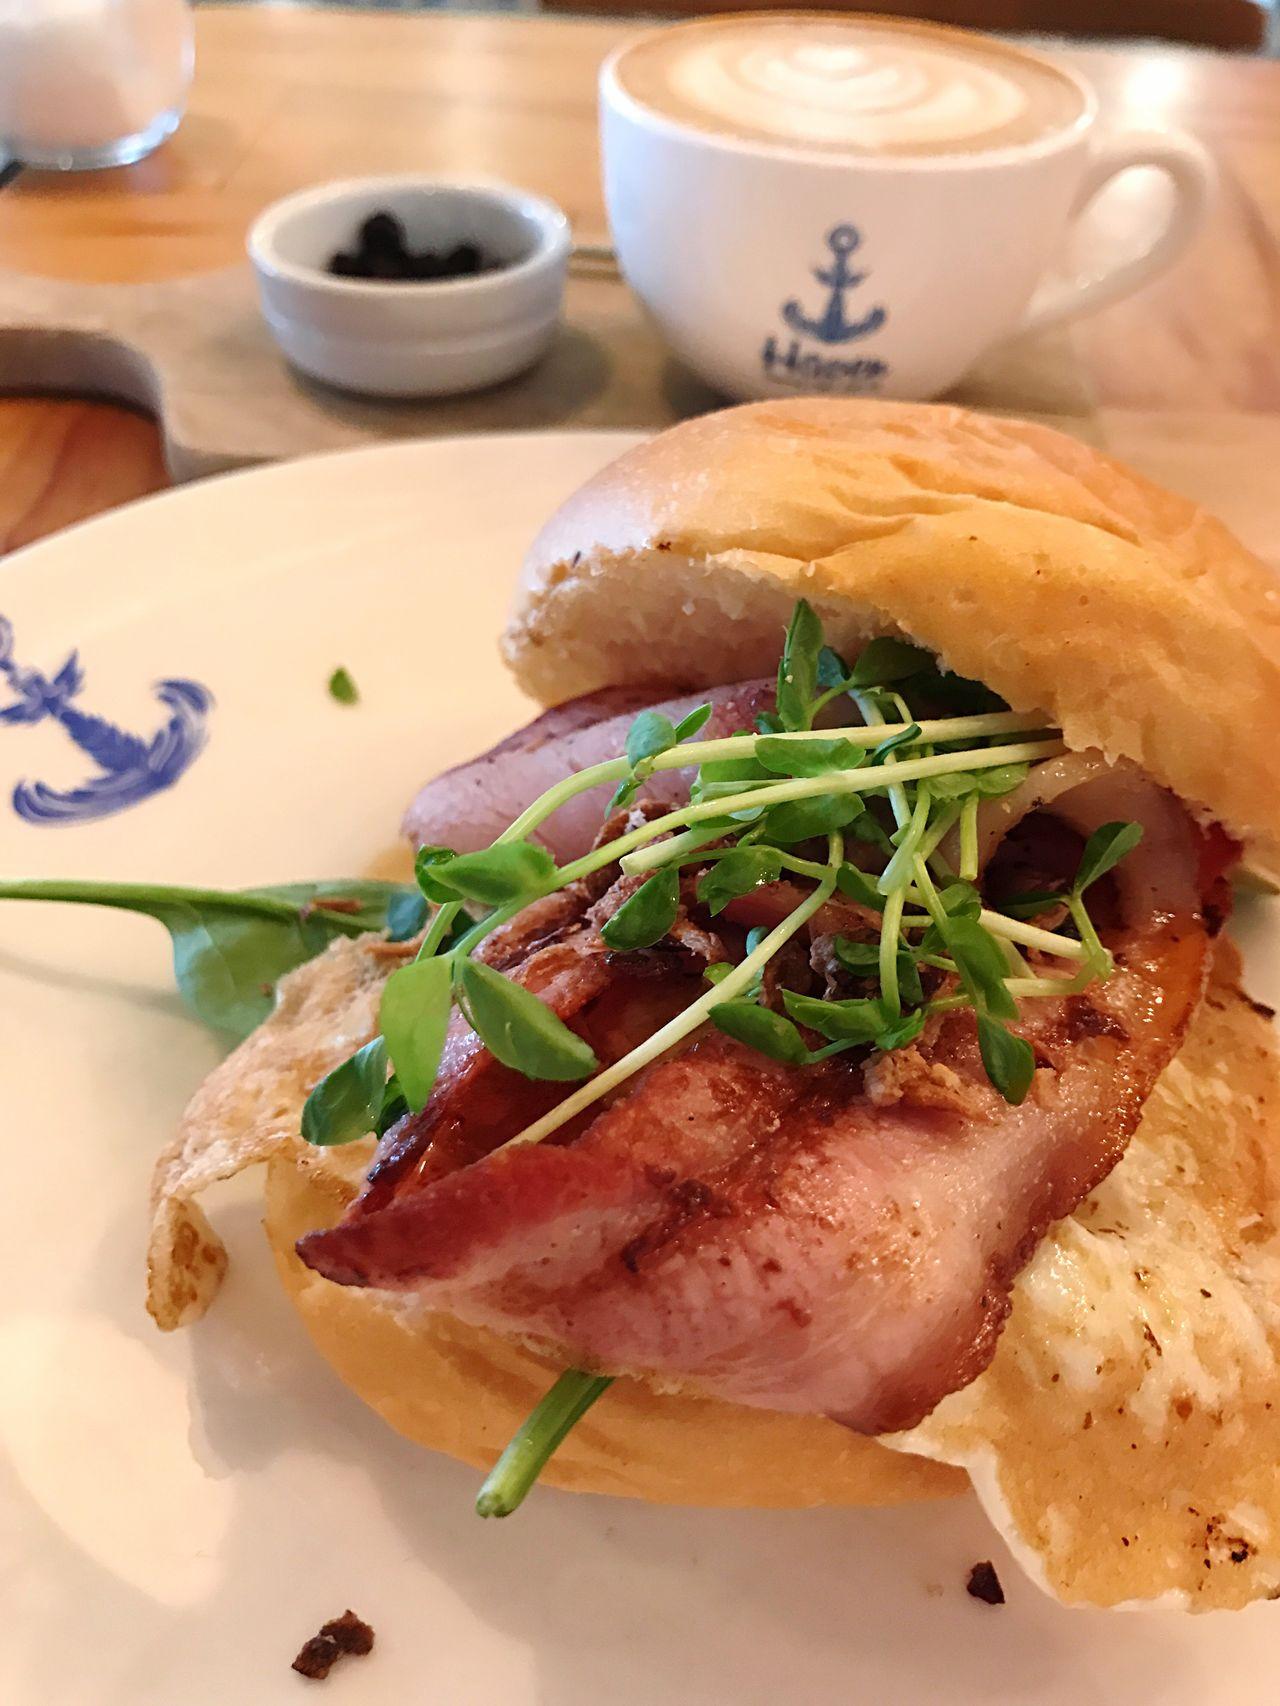 Breakfast Bacon & Eggs Roll In My Mouf